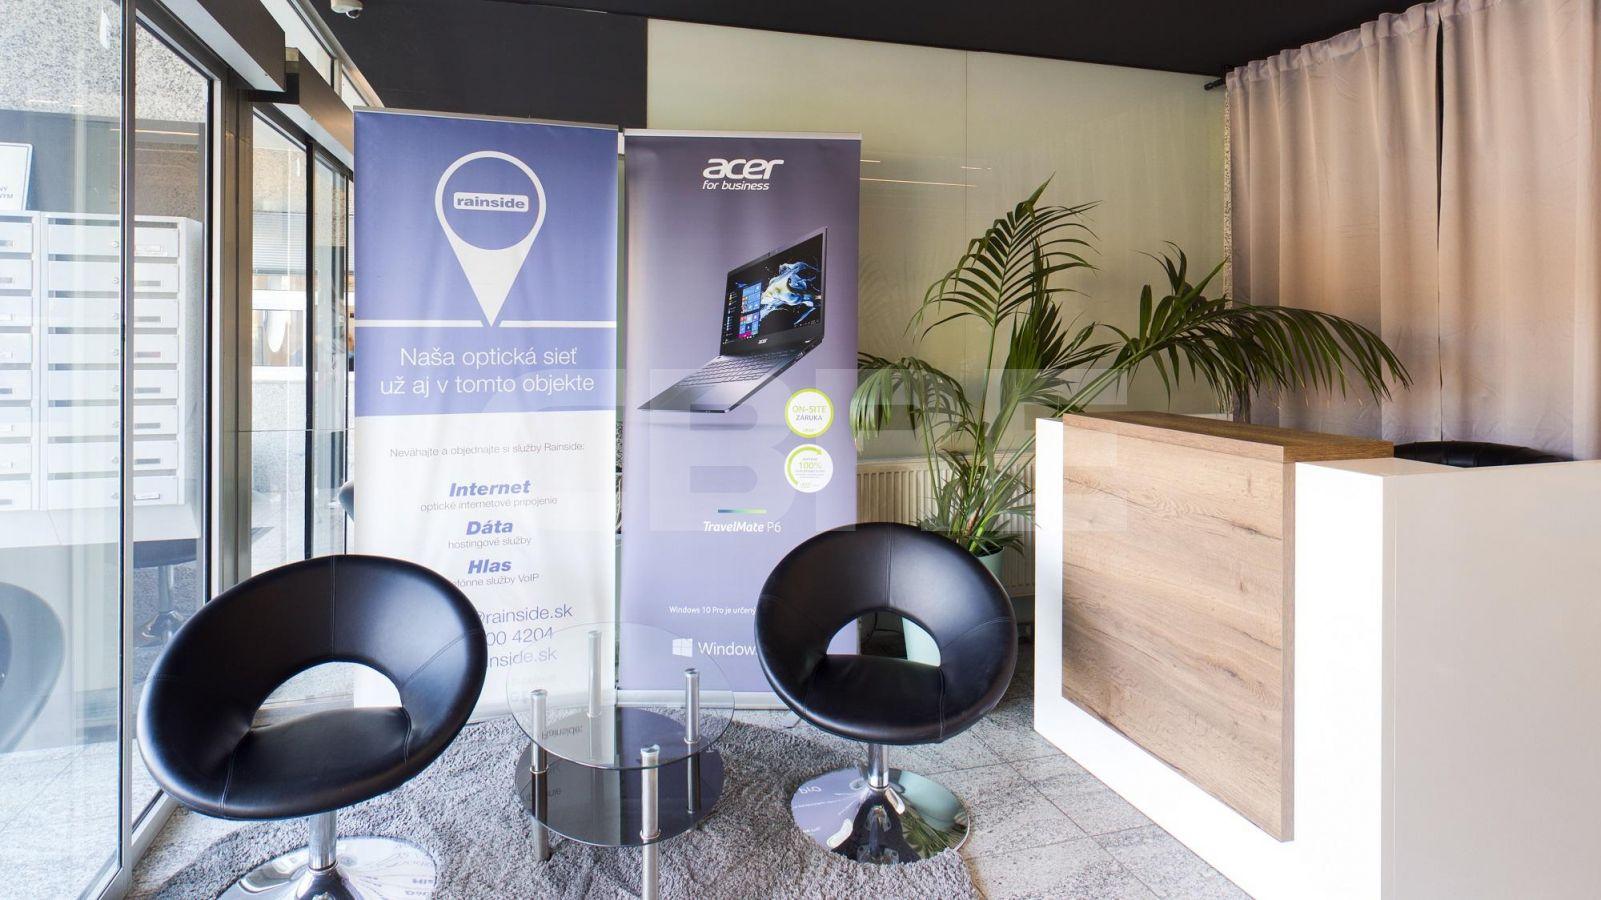 Trnavská cesta Business Center, Bratislava - Nové Mesto | Prenájom kancelárií od CBRE | 6